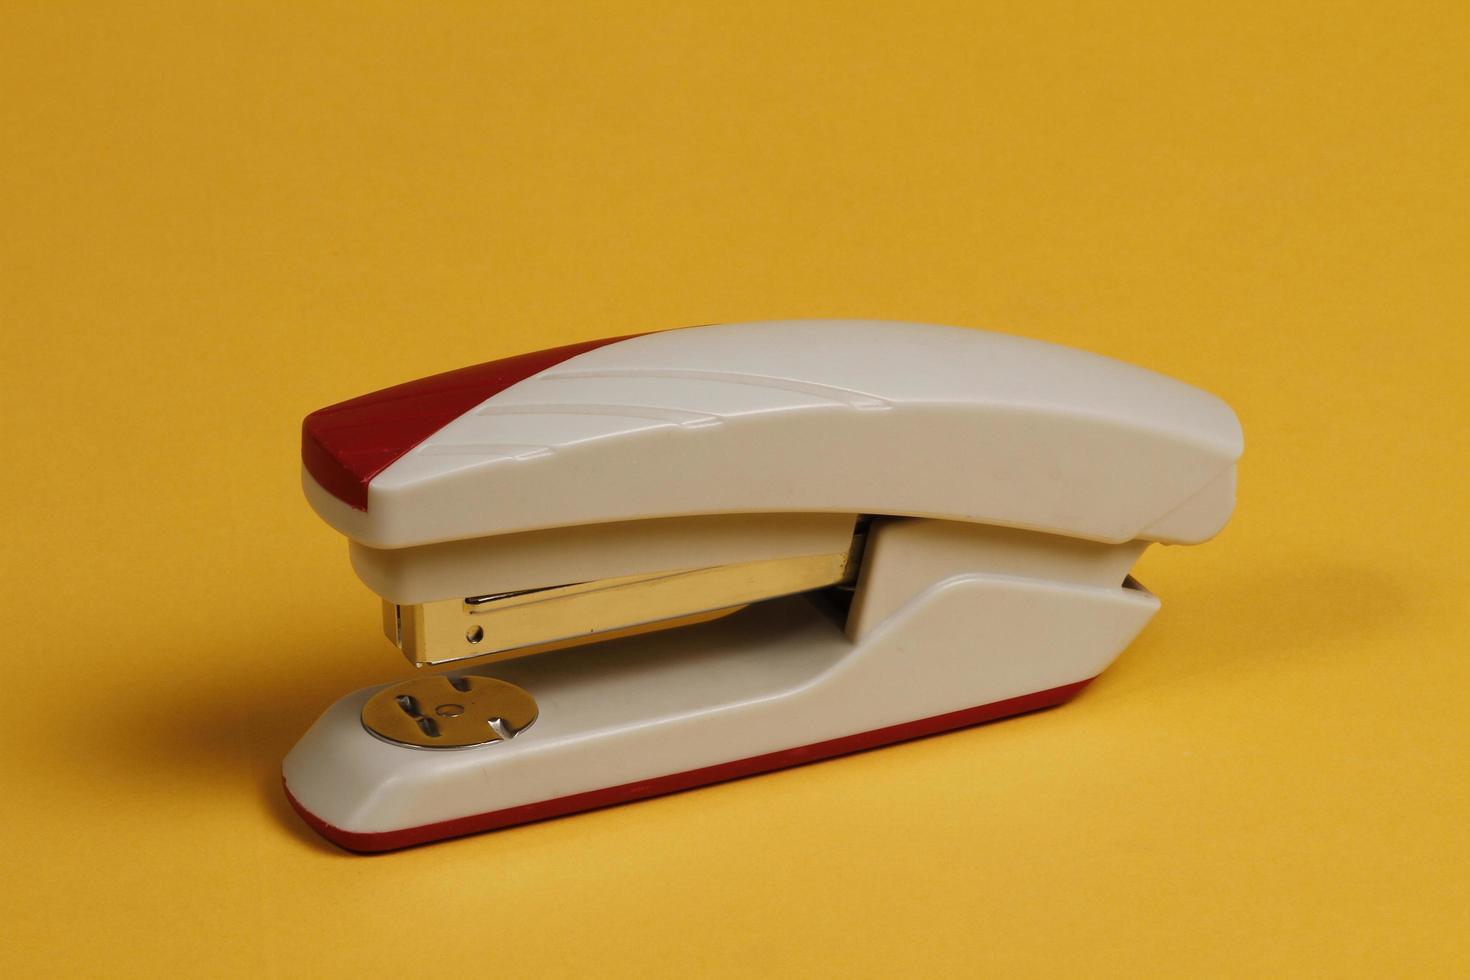 trådhäftare för kontor och skrivbord i vinrött och grått. foto